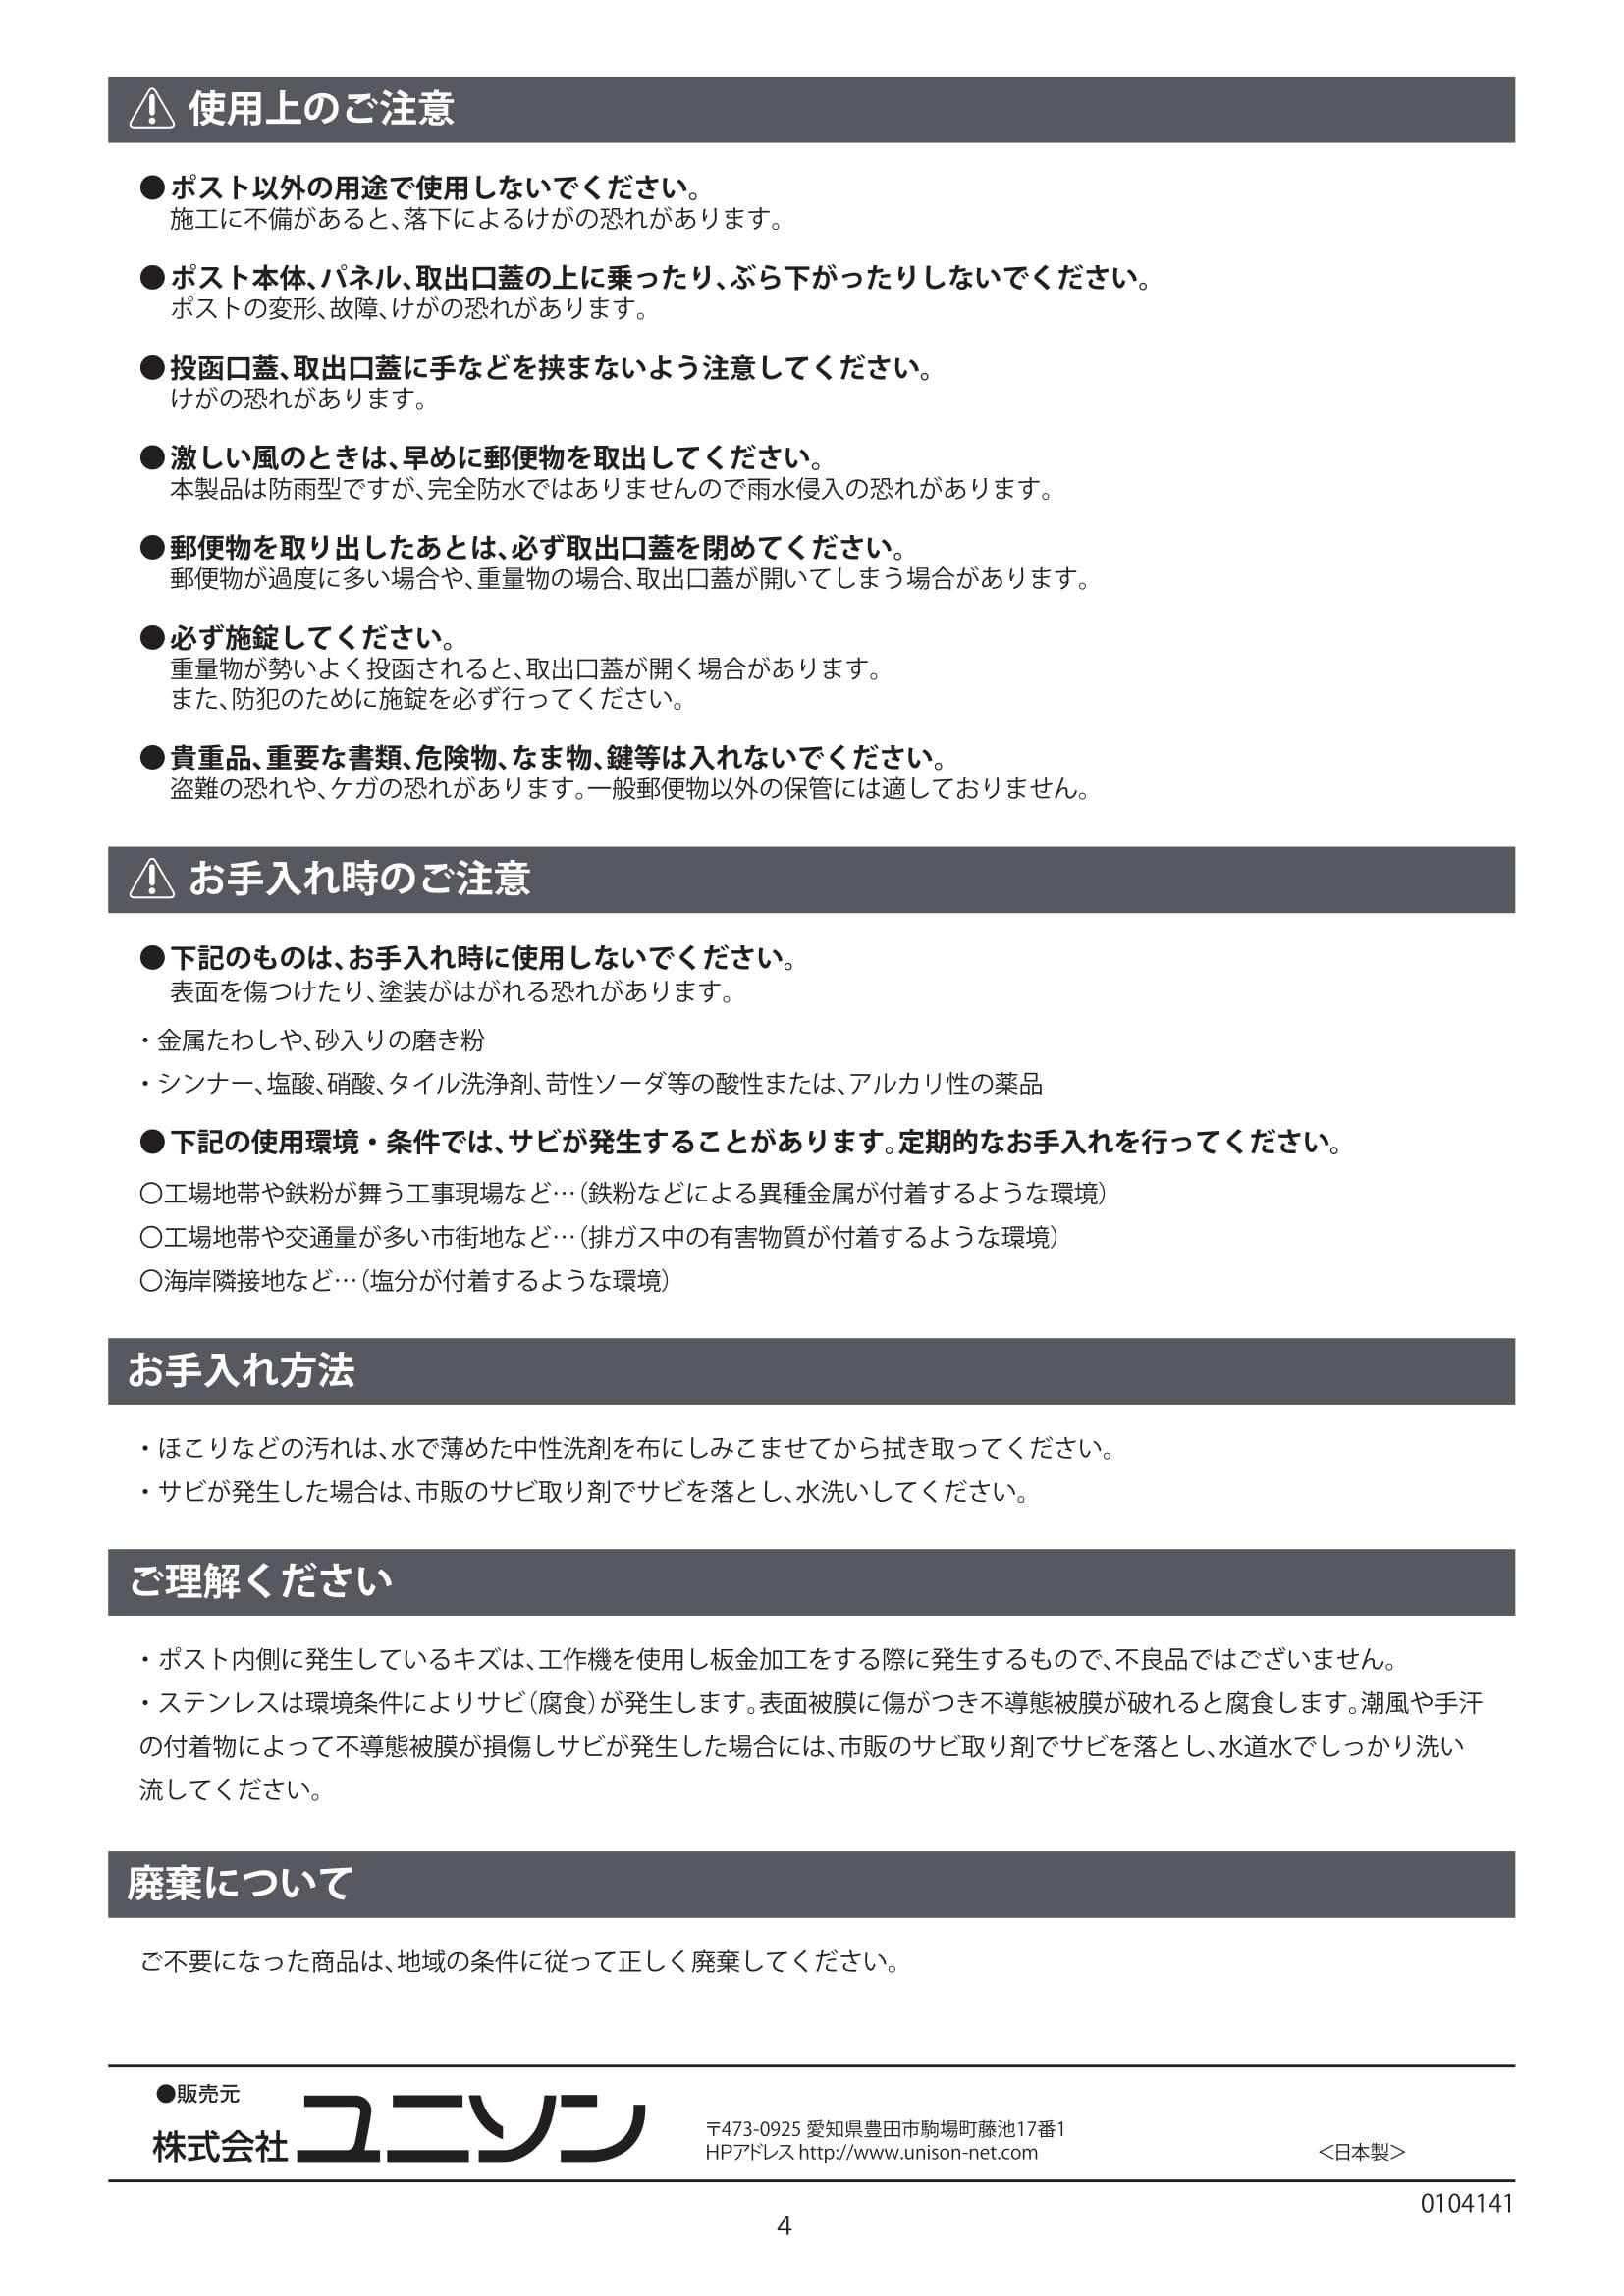 オストタテ_取扱説明書-4